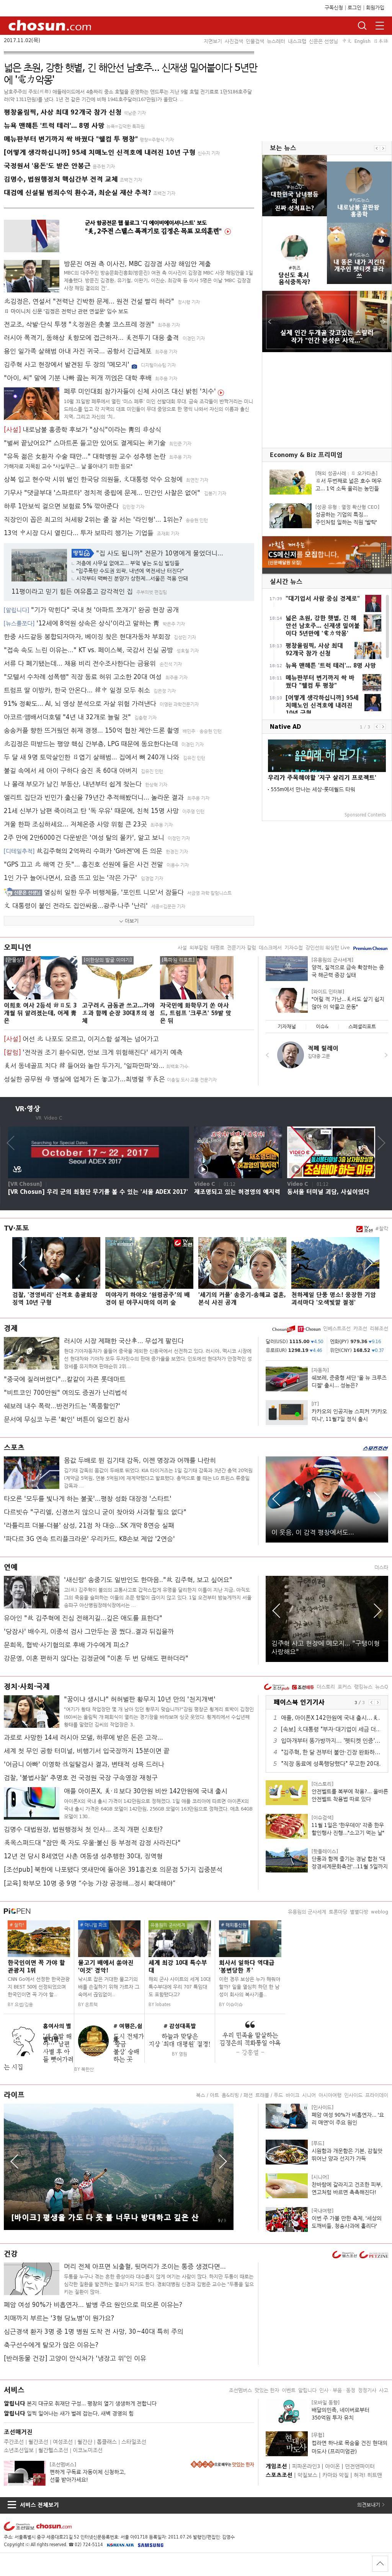 chosun.com at Wednesday Nov. 1, 2017, 7:02 p.m. UTC